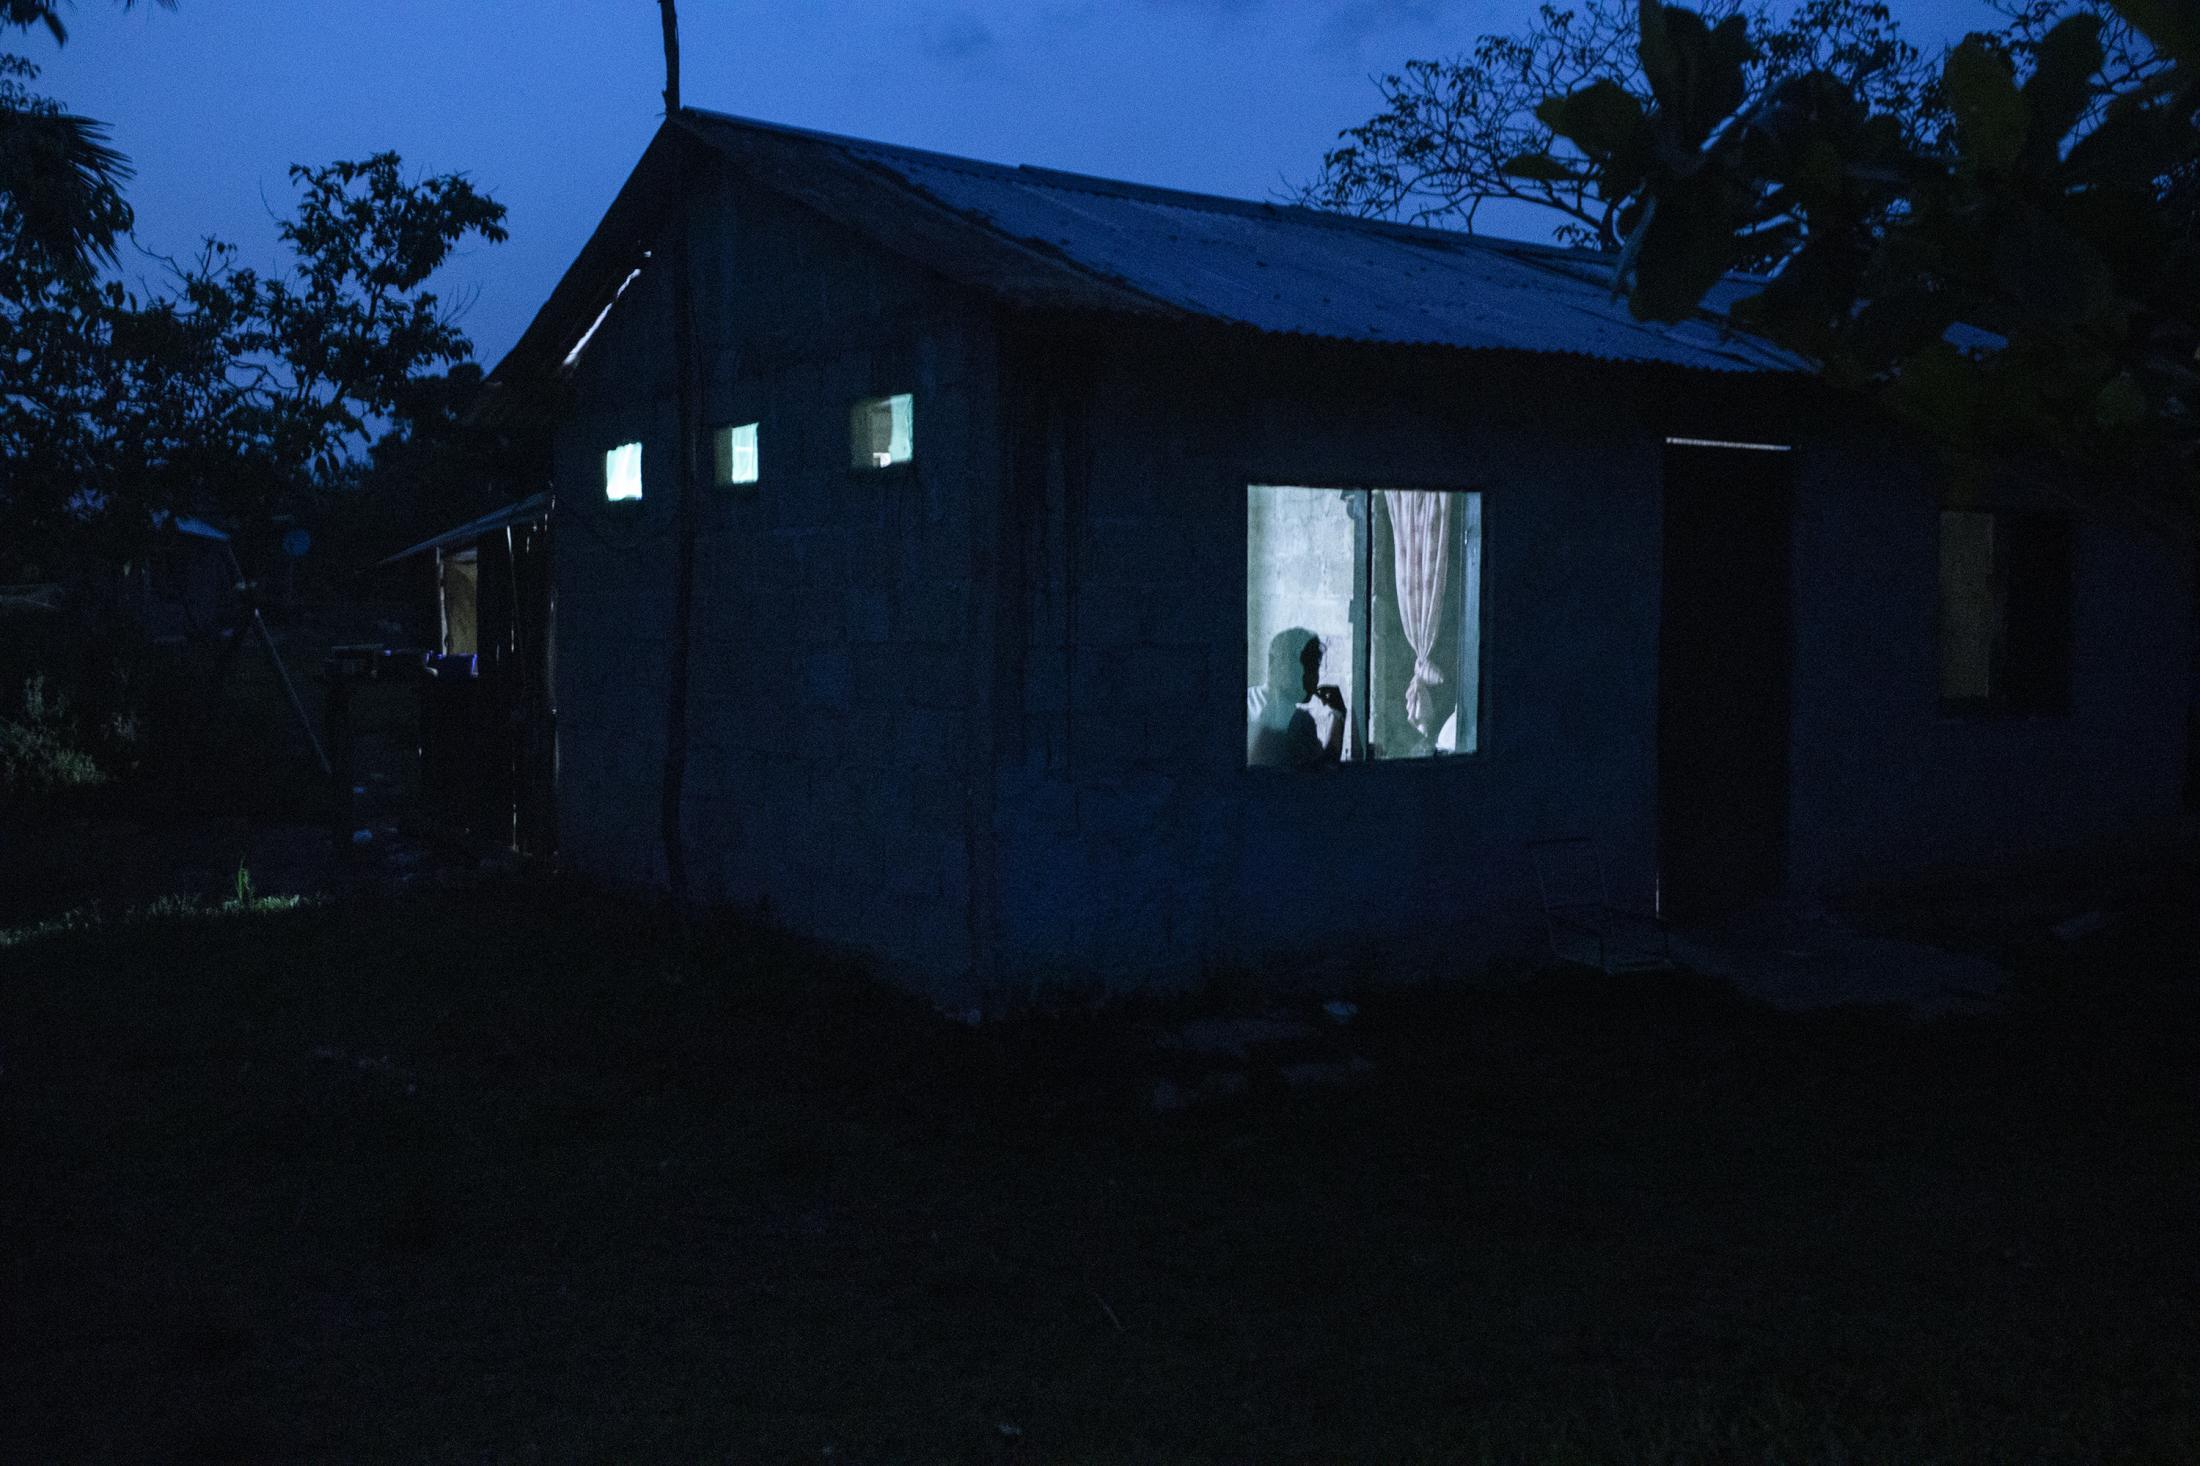 Alexis Zamudio, 17 años, observa la llegada de un bote desde el interior de su casa en la comunidad de El Nacaste. Alexis han sido unos de los estudiantes de preparatoria afectados por la pandemia del Covid-19 al vivir en una comunidad sin energía eléctrica ni internet para poder realizar sus actividades académicas.